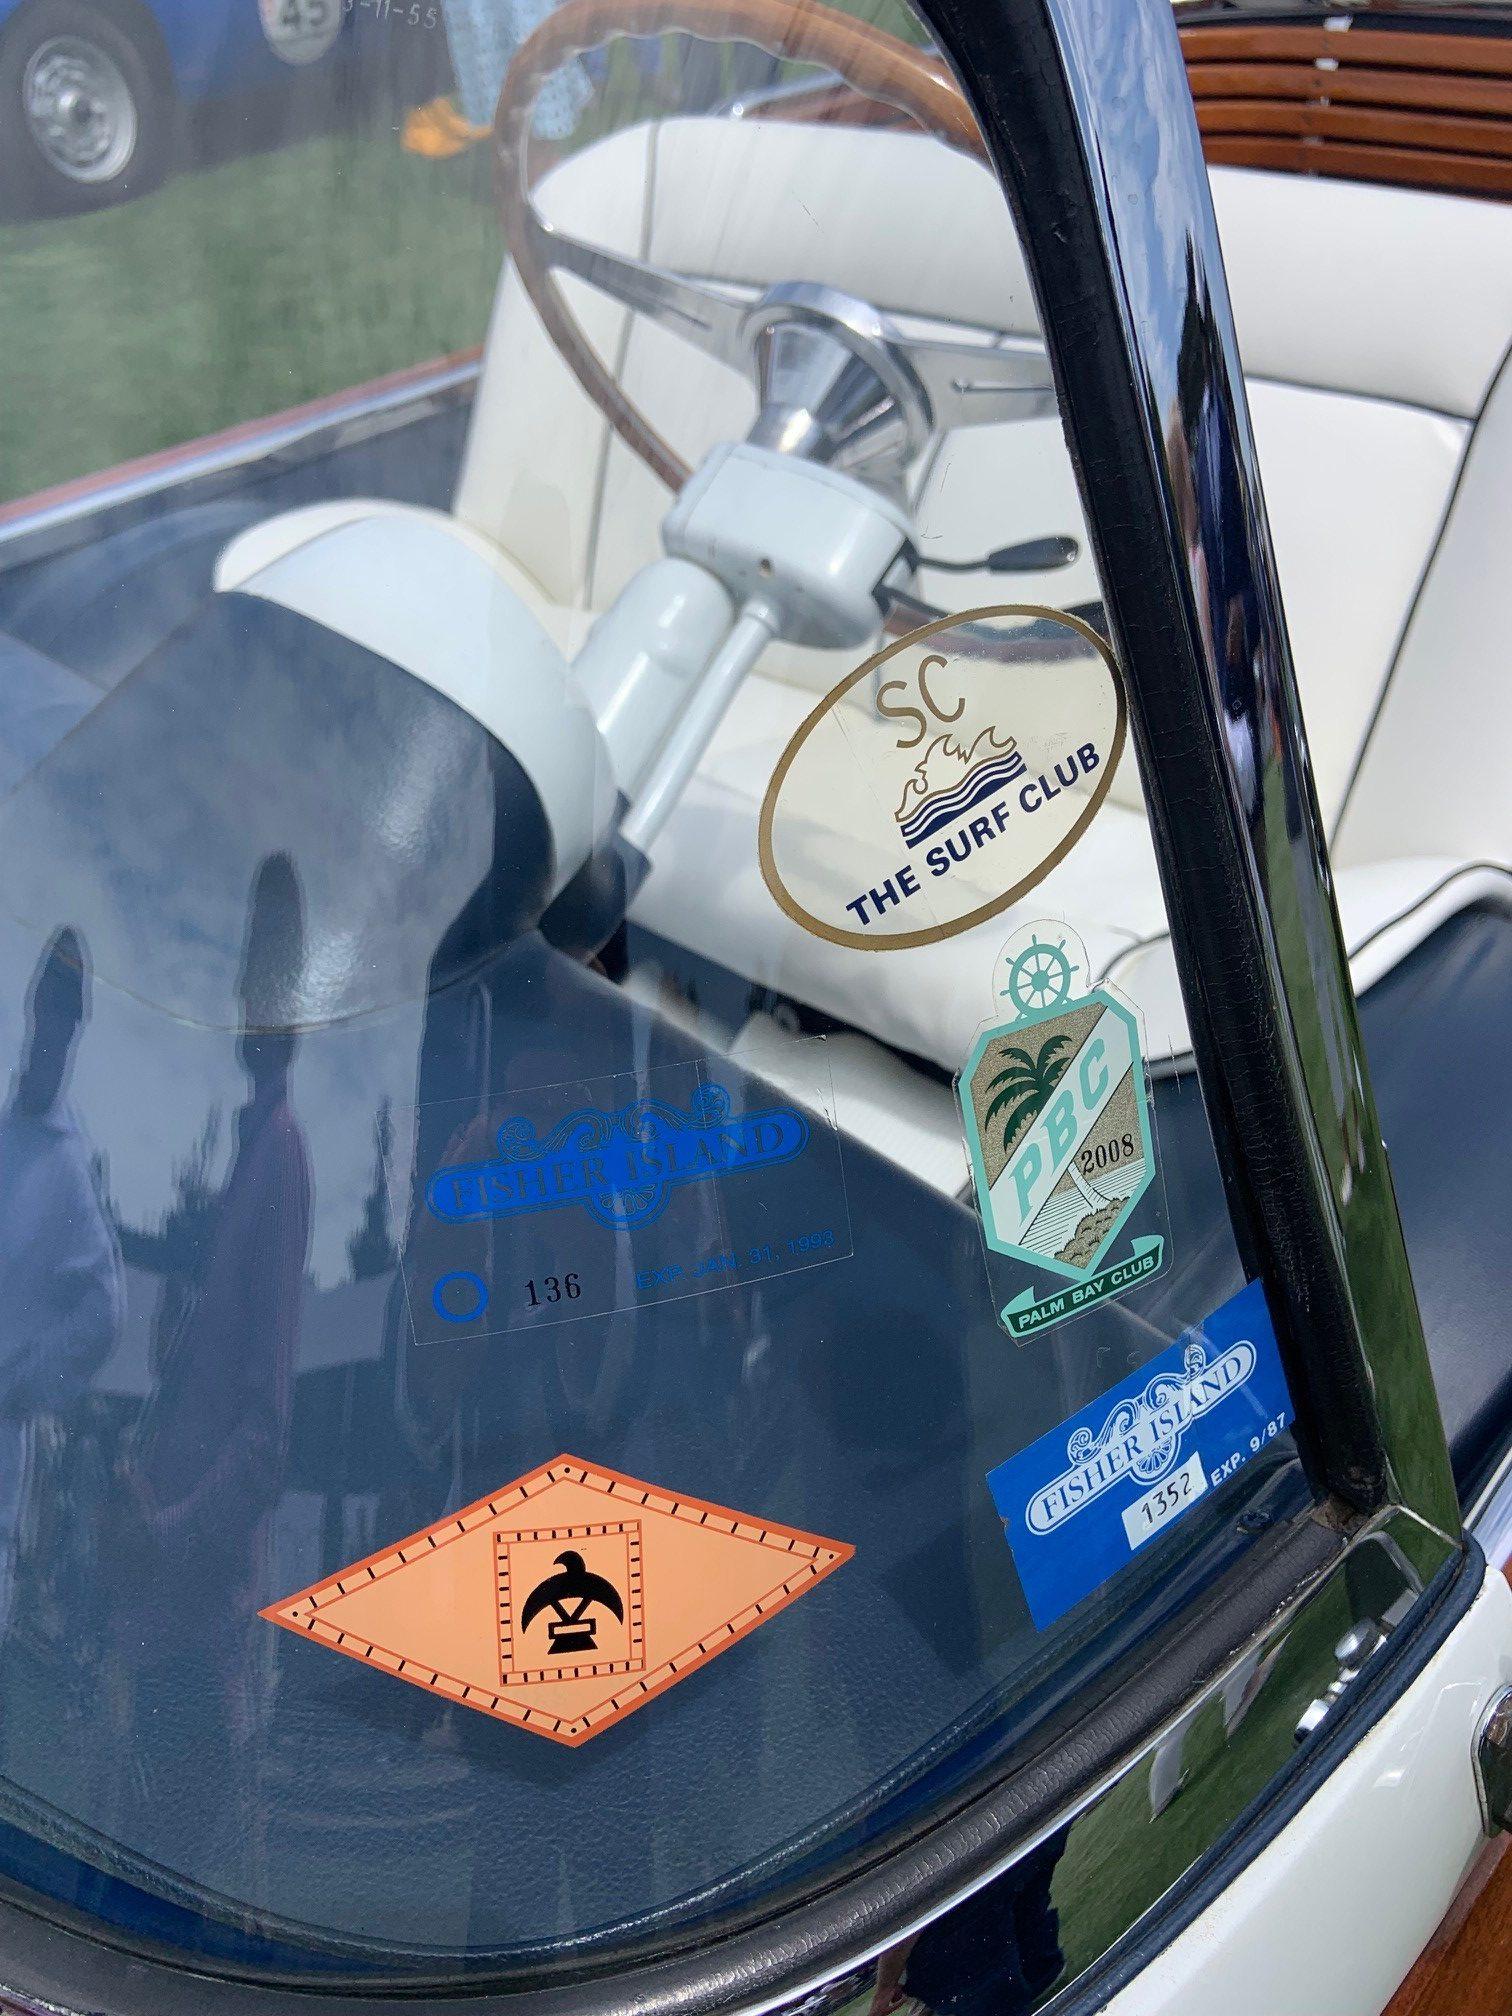 1957 Fiat 600 Eden Roc - Closeup windshield stickers